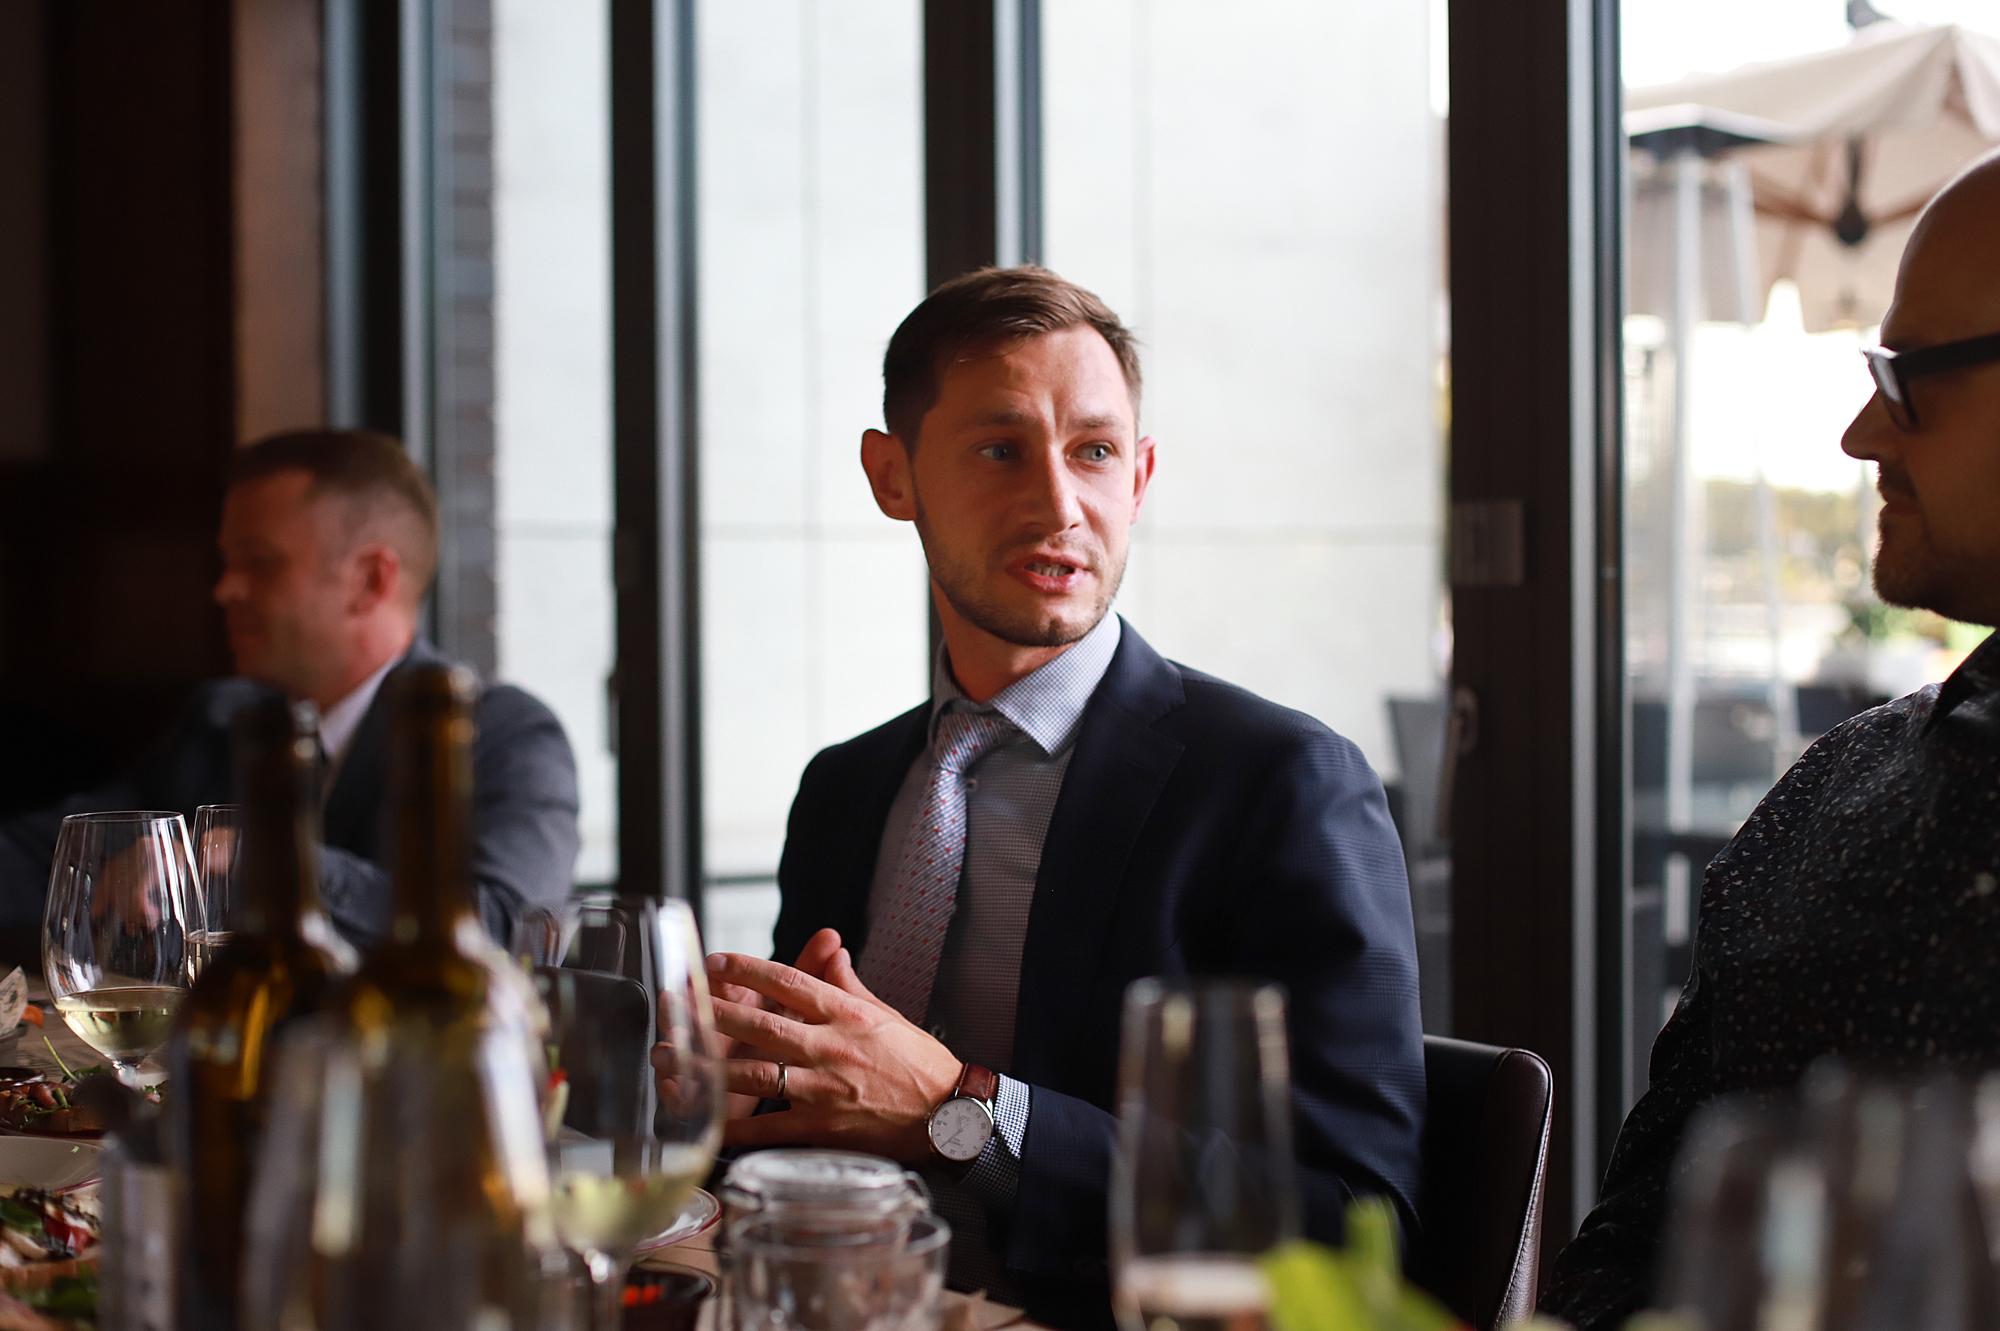 Фото:Генеральный управляющий отеля Mercure Александр Белкин